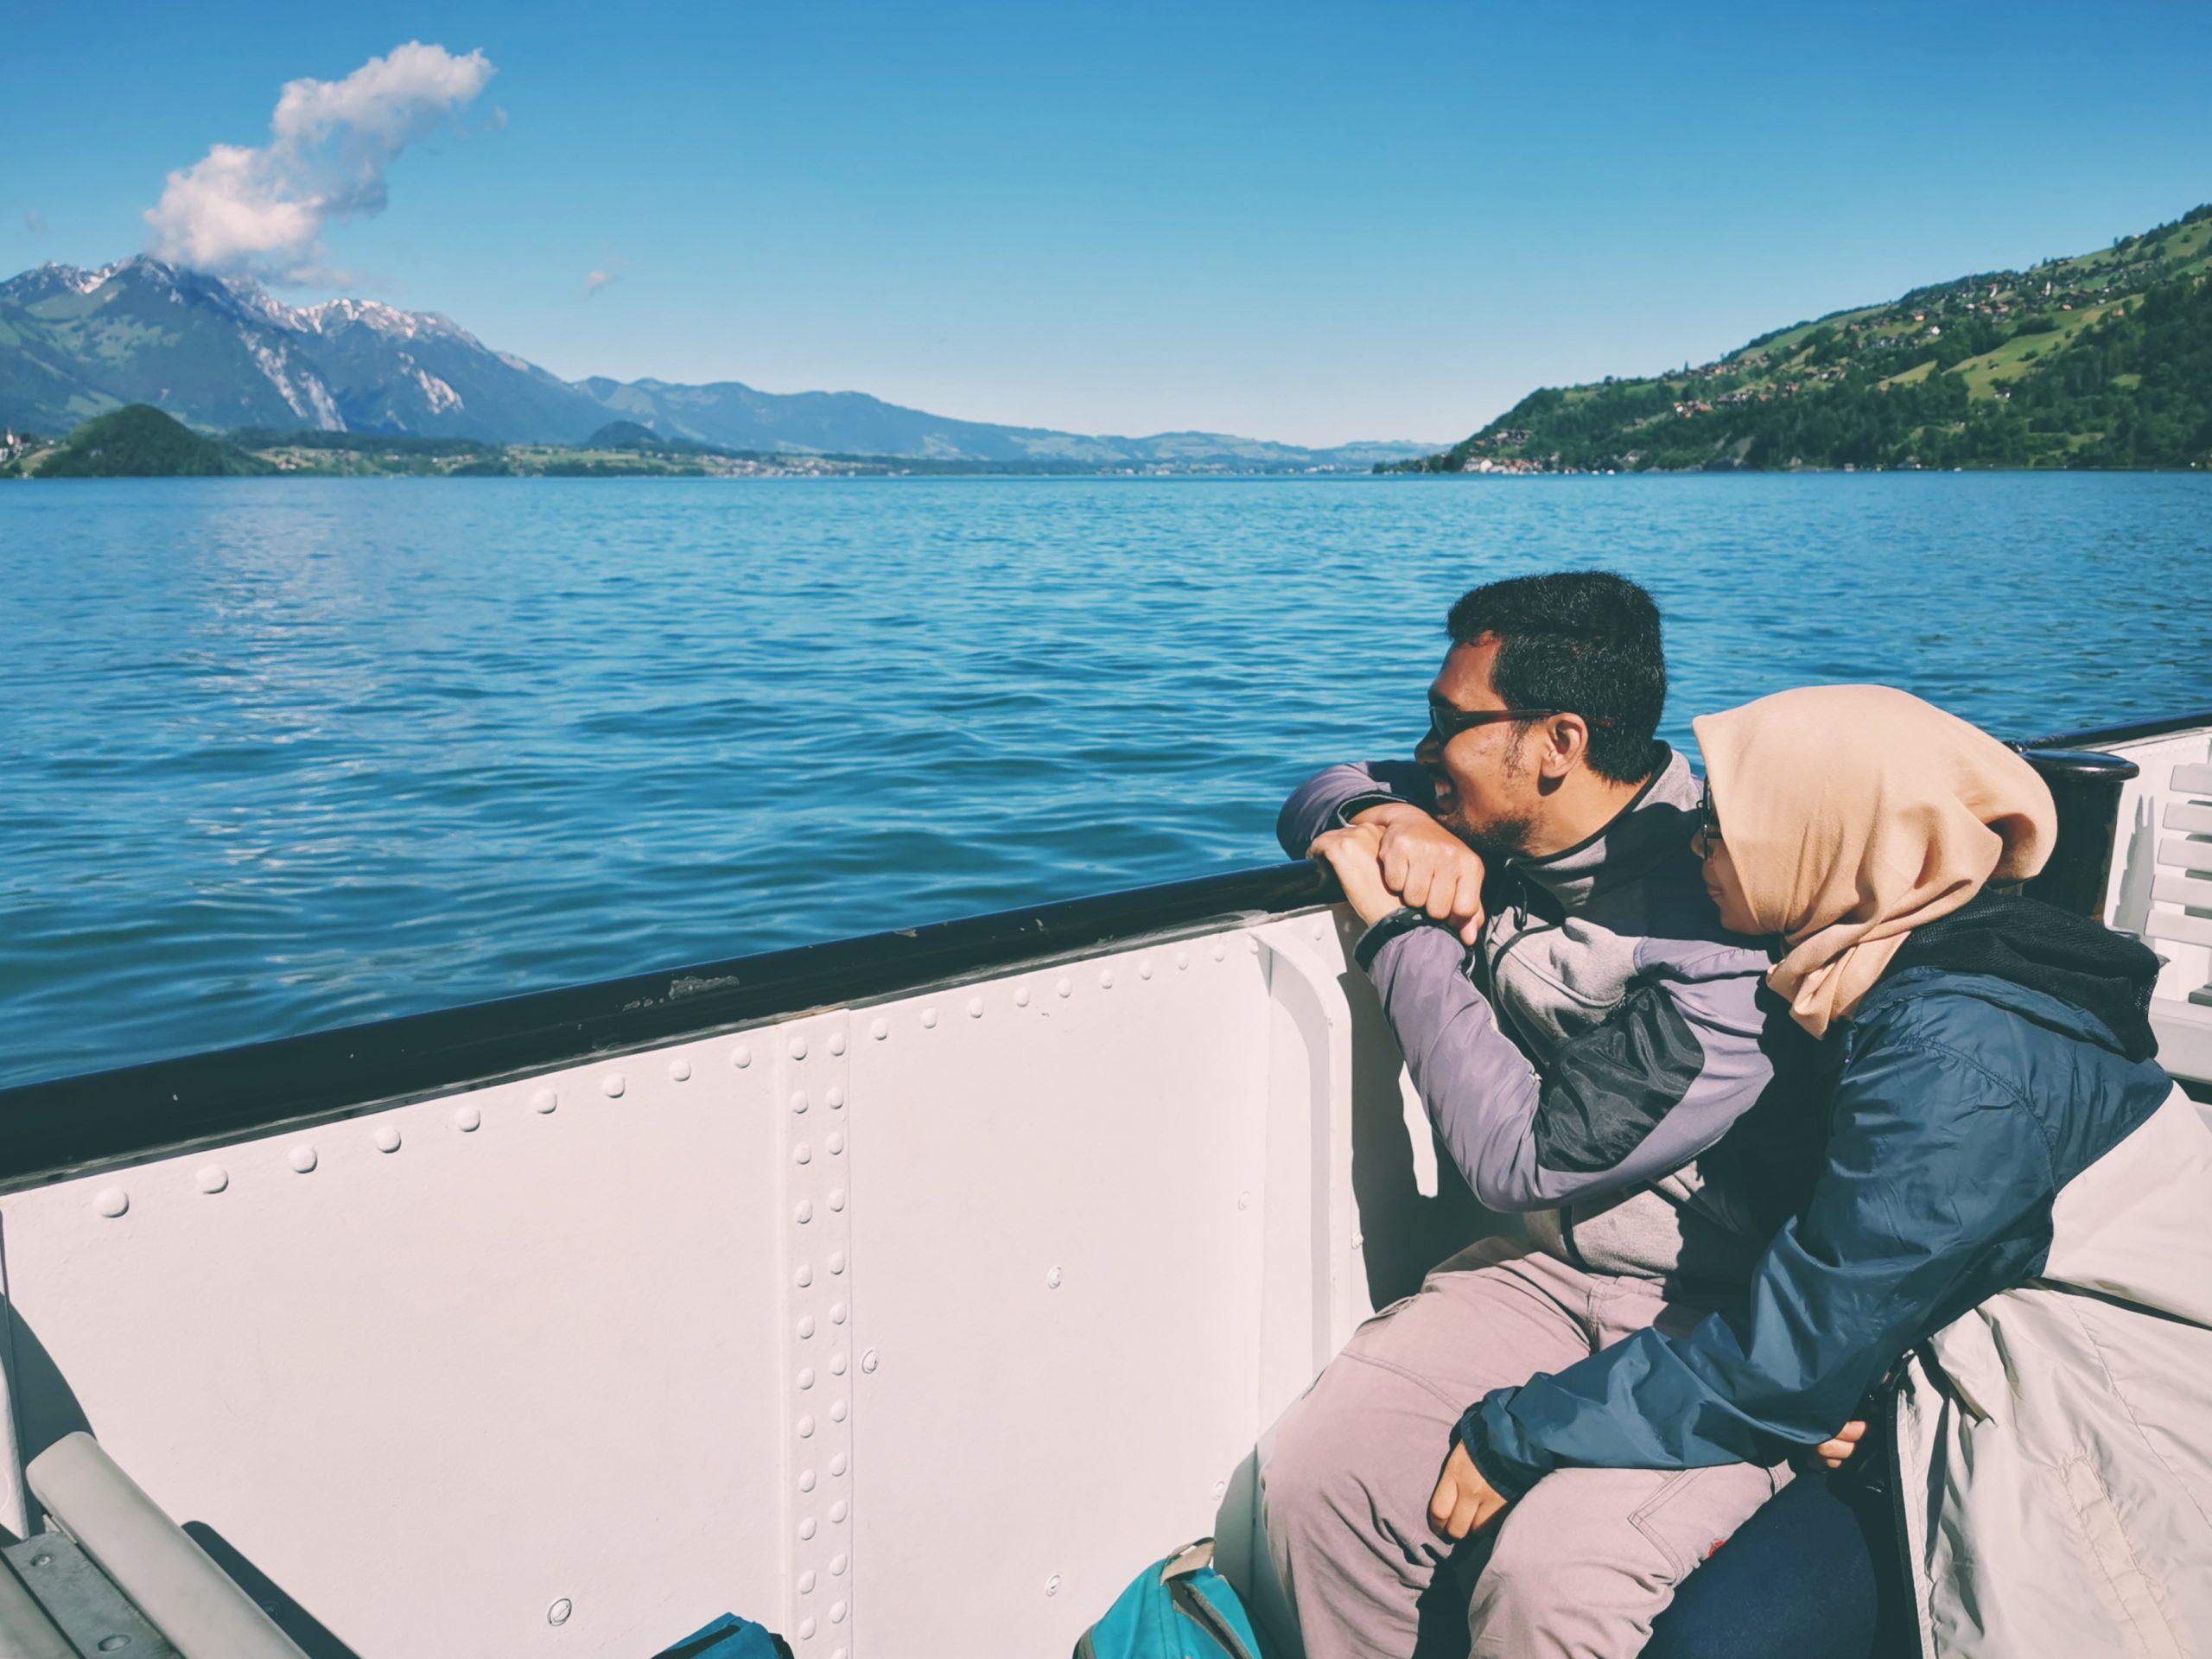 Sudah Pernah Bayangin Kalau Jack dan Rose Bukan Naik Titanic, tapi Kapal dari Thun ke Interlaken?